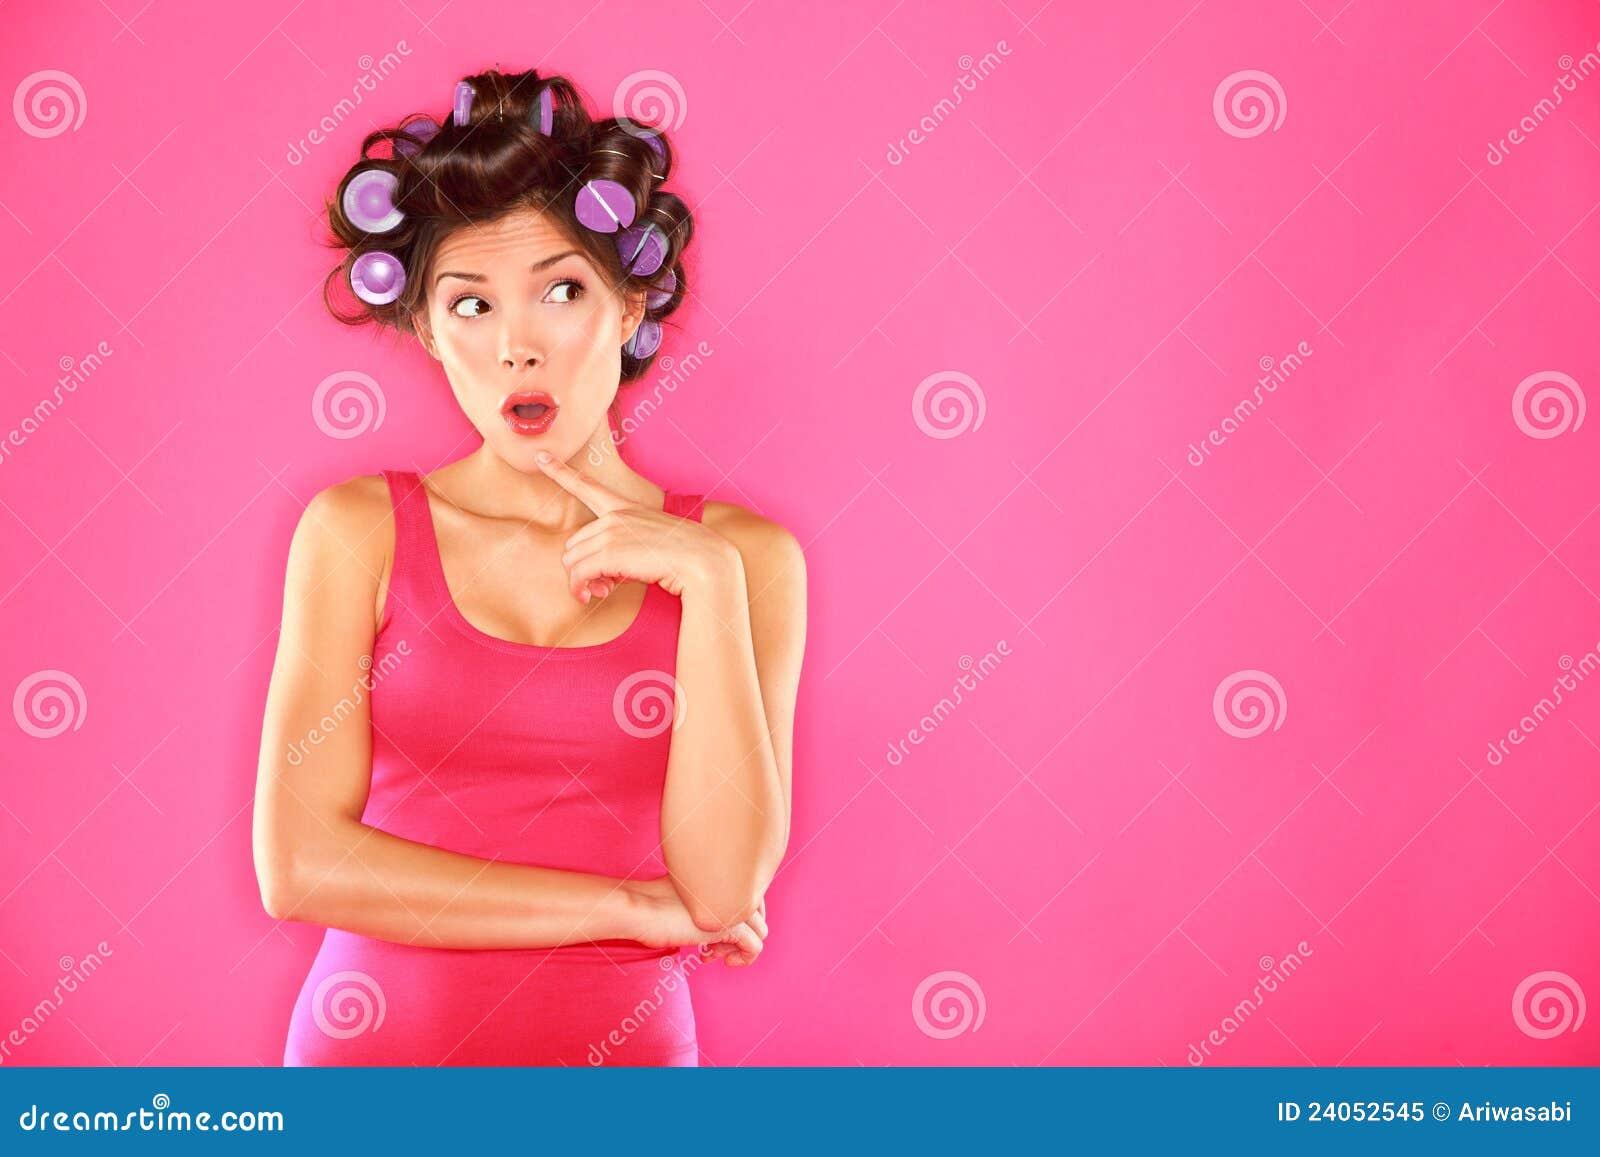 För hårrullar för skönhet rolig kvinna